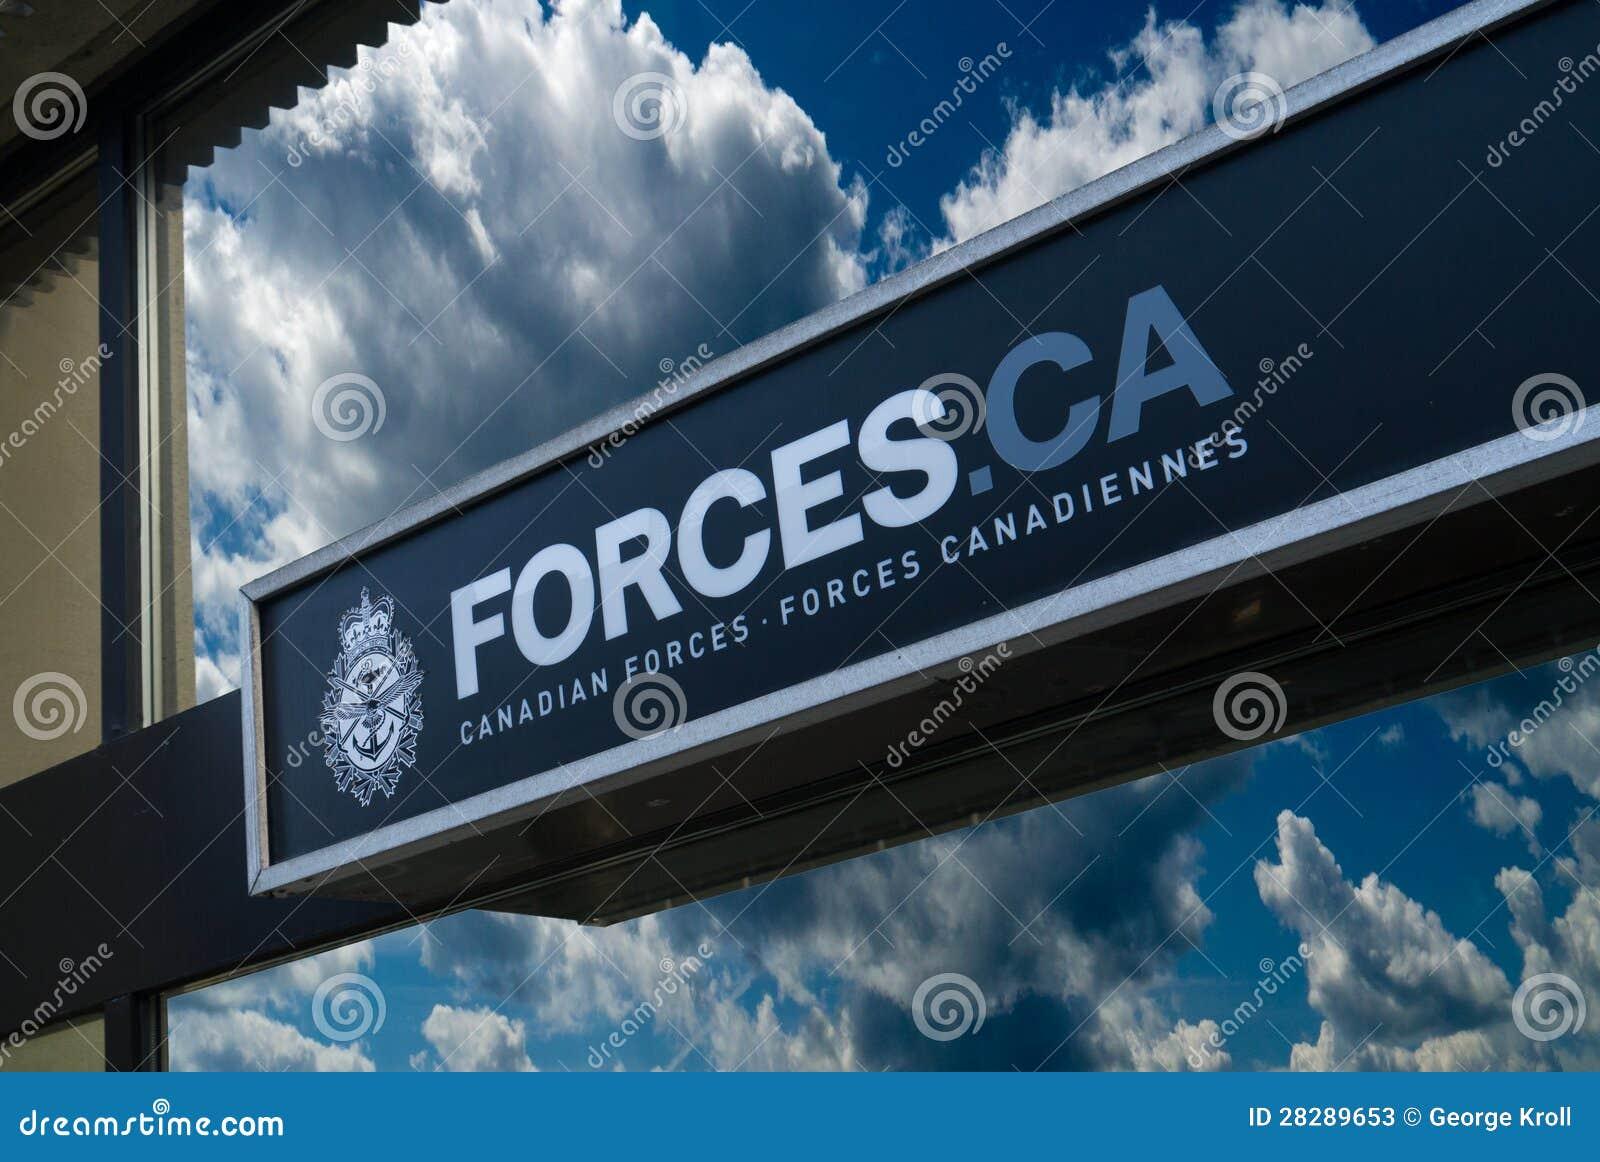 Καναδικό σημάδι δυνάμεων